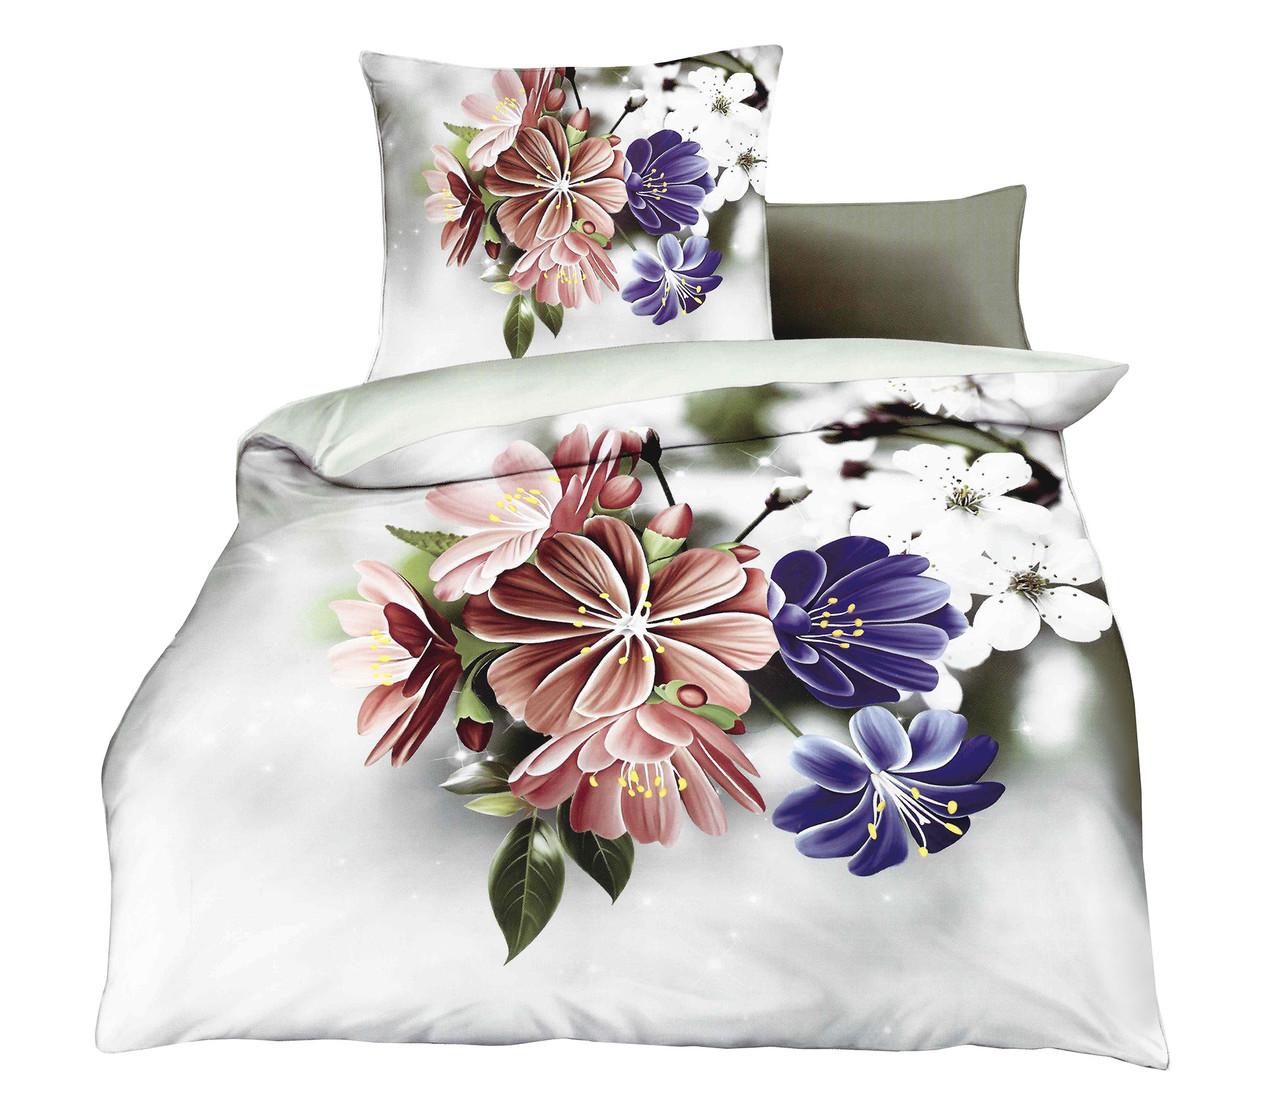 Комплект постельного белья Микроволокно HXDD-787 M&M 7236 Кремовый, Бежевый, Фиолетовый